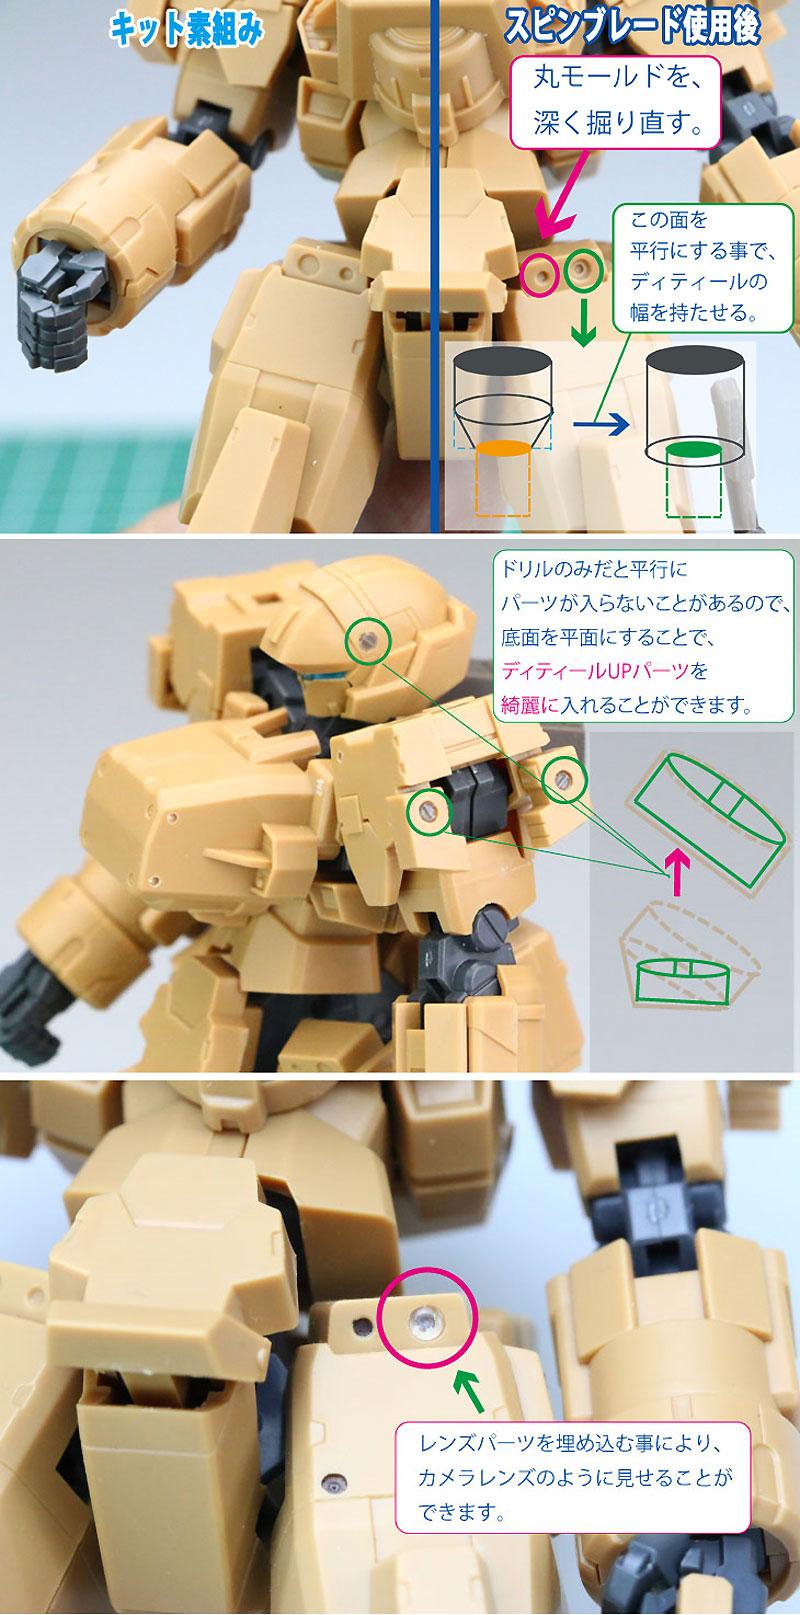 スピンブレード (刃幅 1-3mm)マイクロブレード(ゴッドハンド模型工具No.GH-SB)商品画像_3